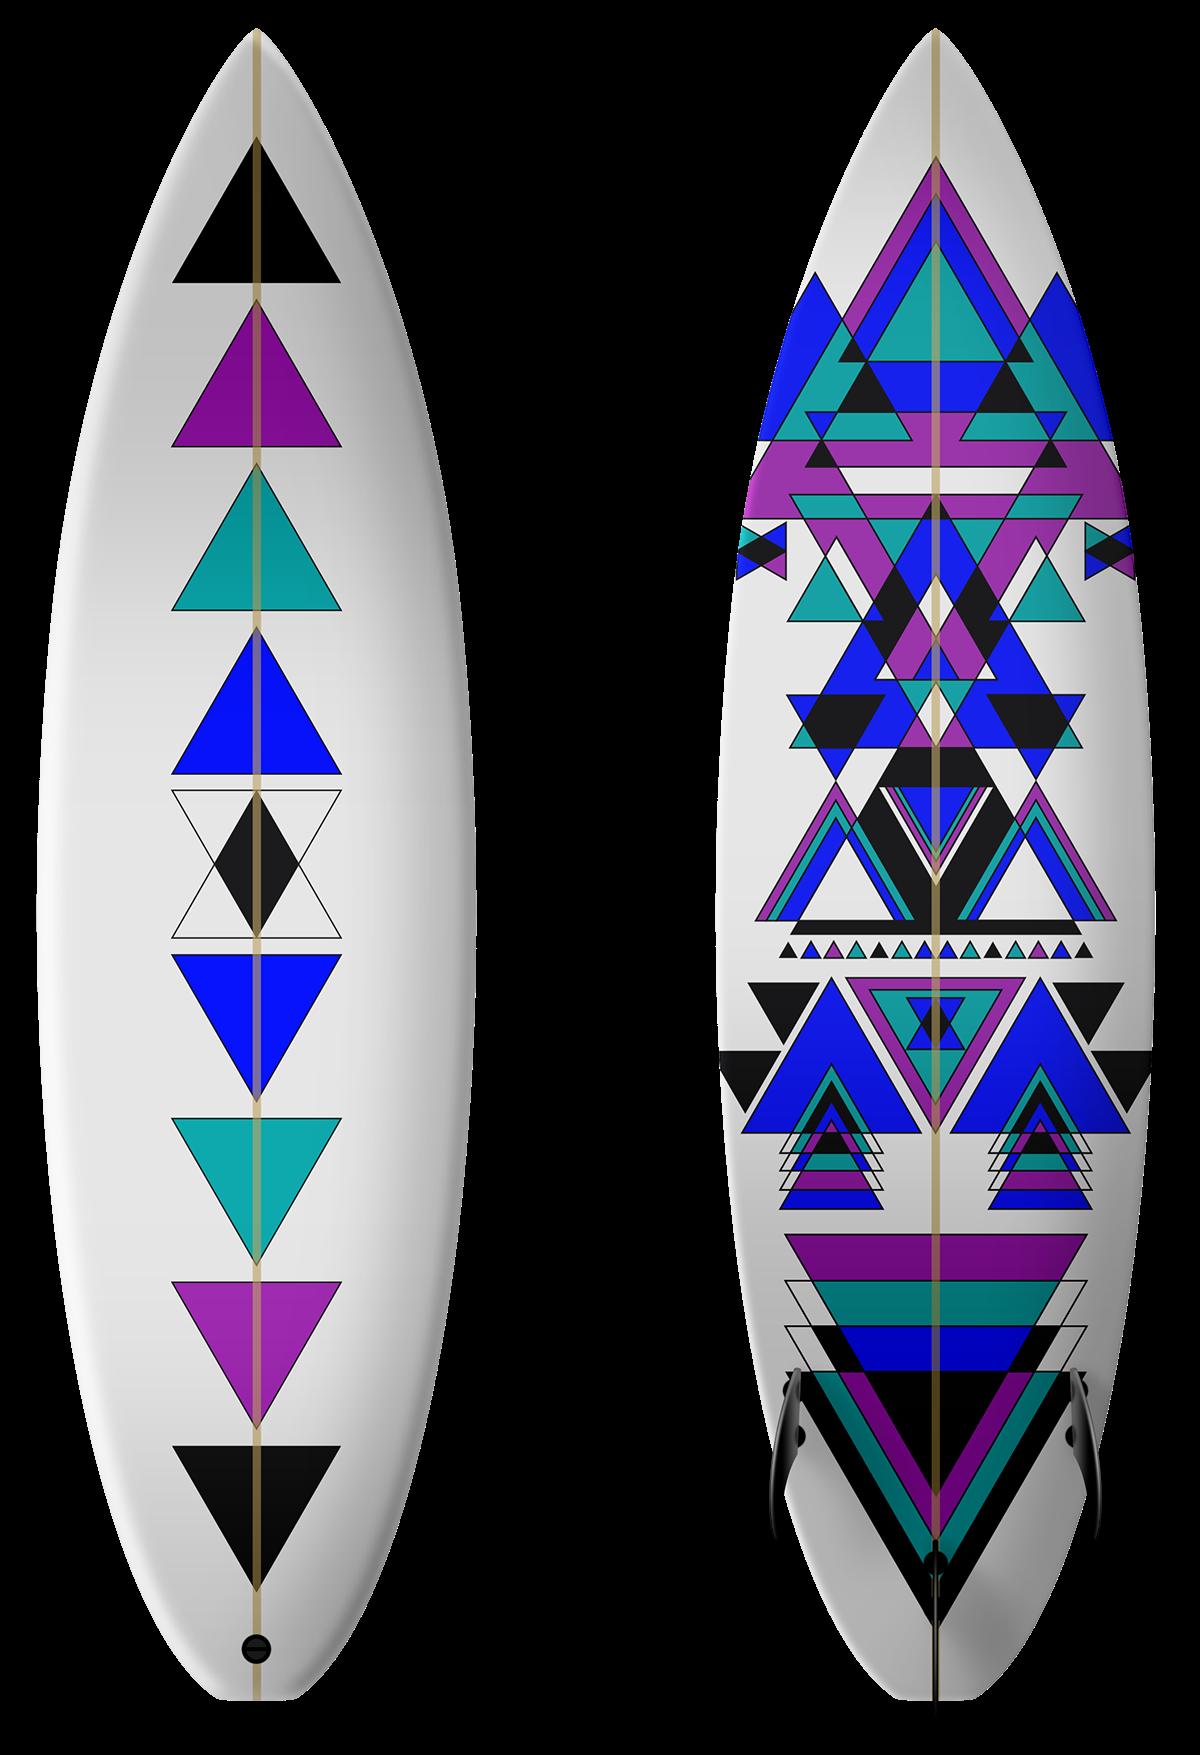 Tablas de surf on behance dise o pinterest tabla de - Disenos de tablas de surf ...